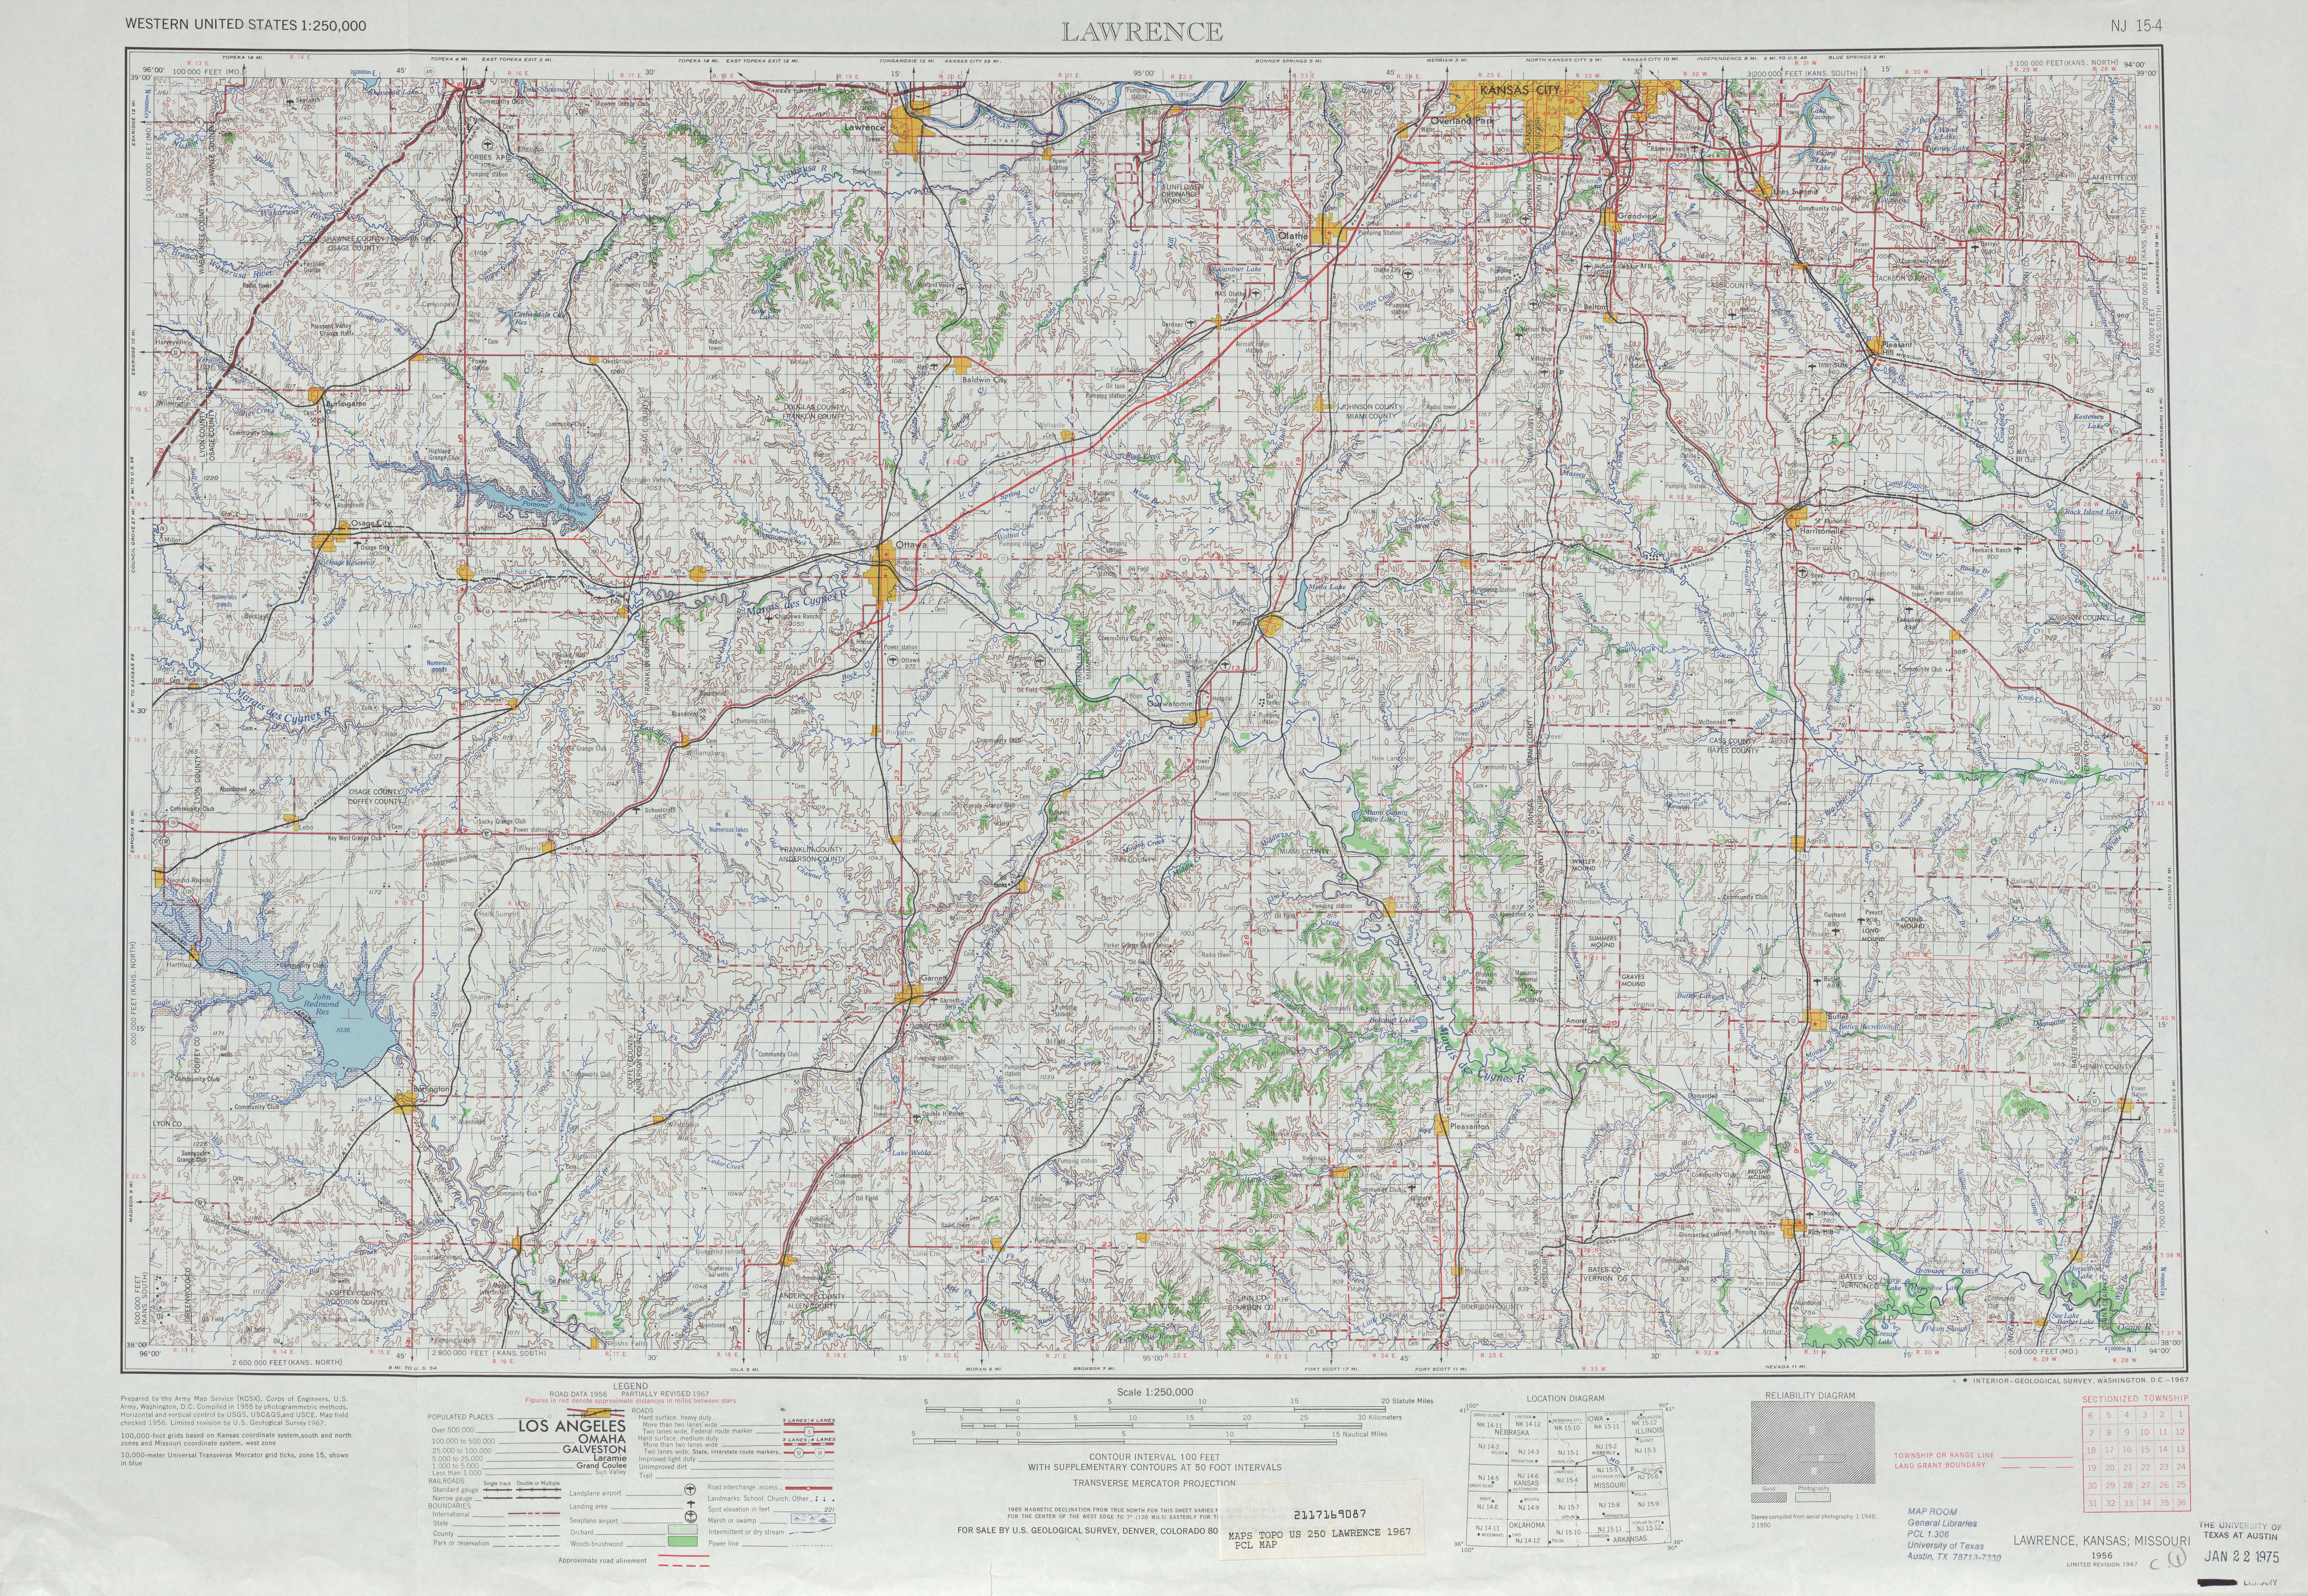 Hoja Lawrence del Mapa Topográfico de los Estados Unidos 1967